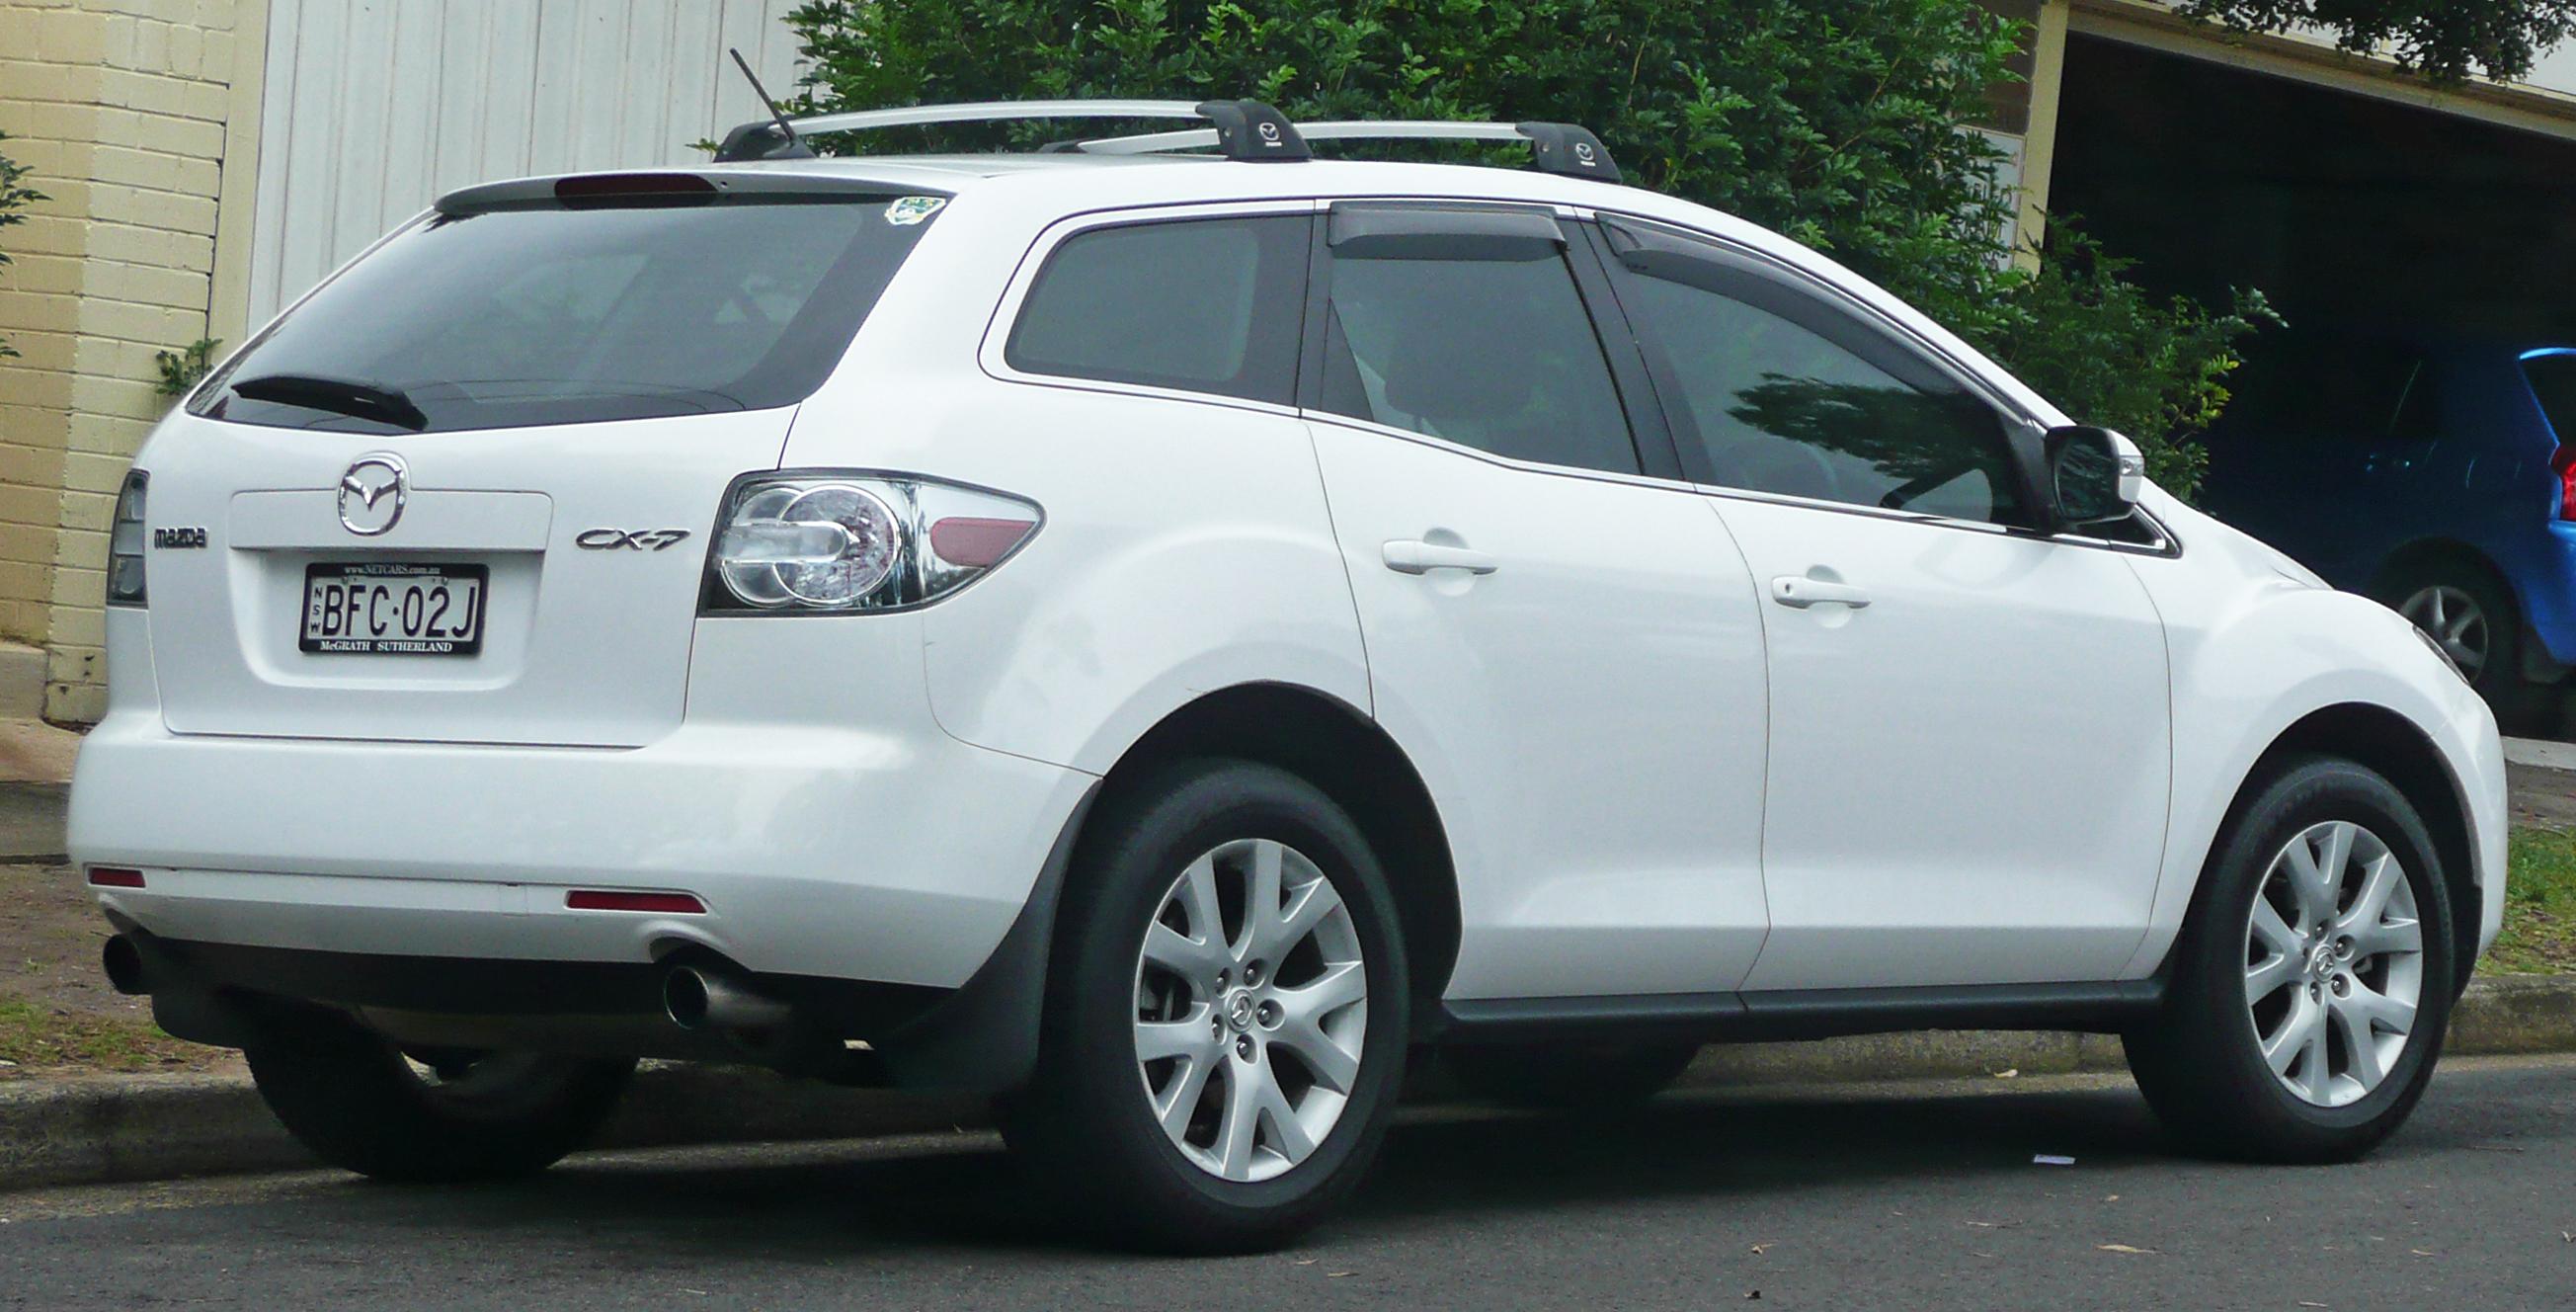 2010 Mazda Cx 7 Image 9